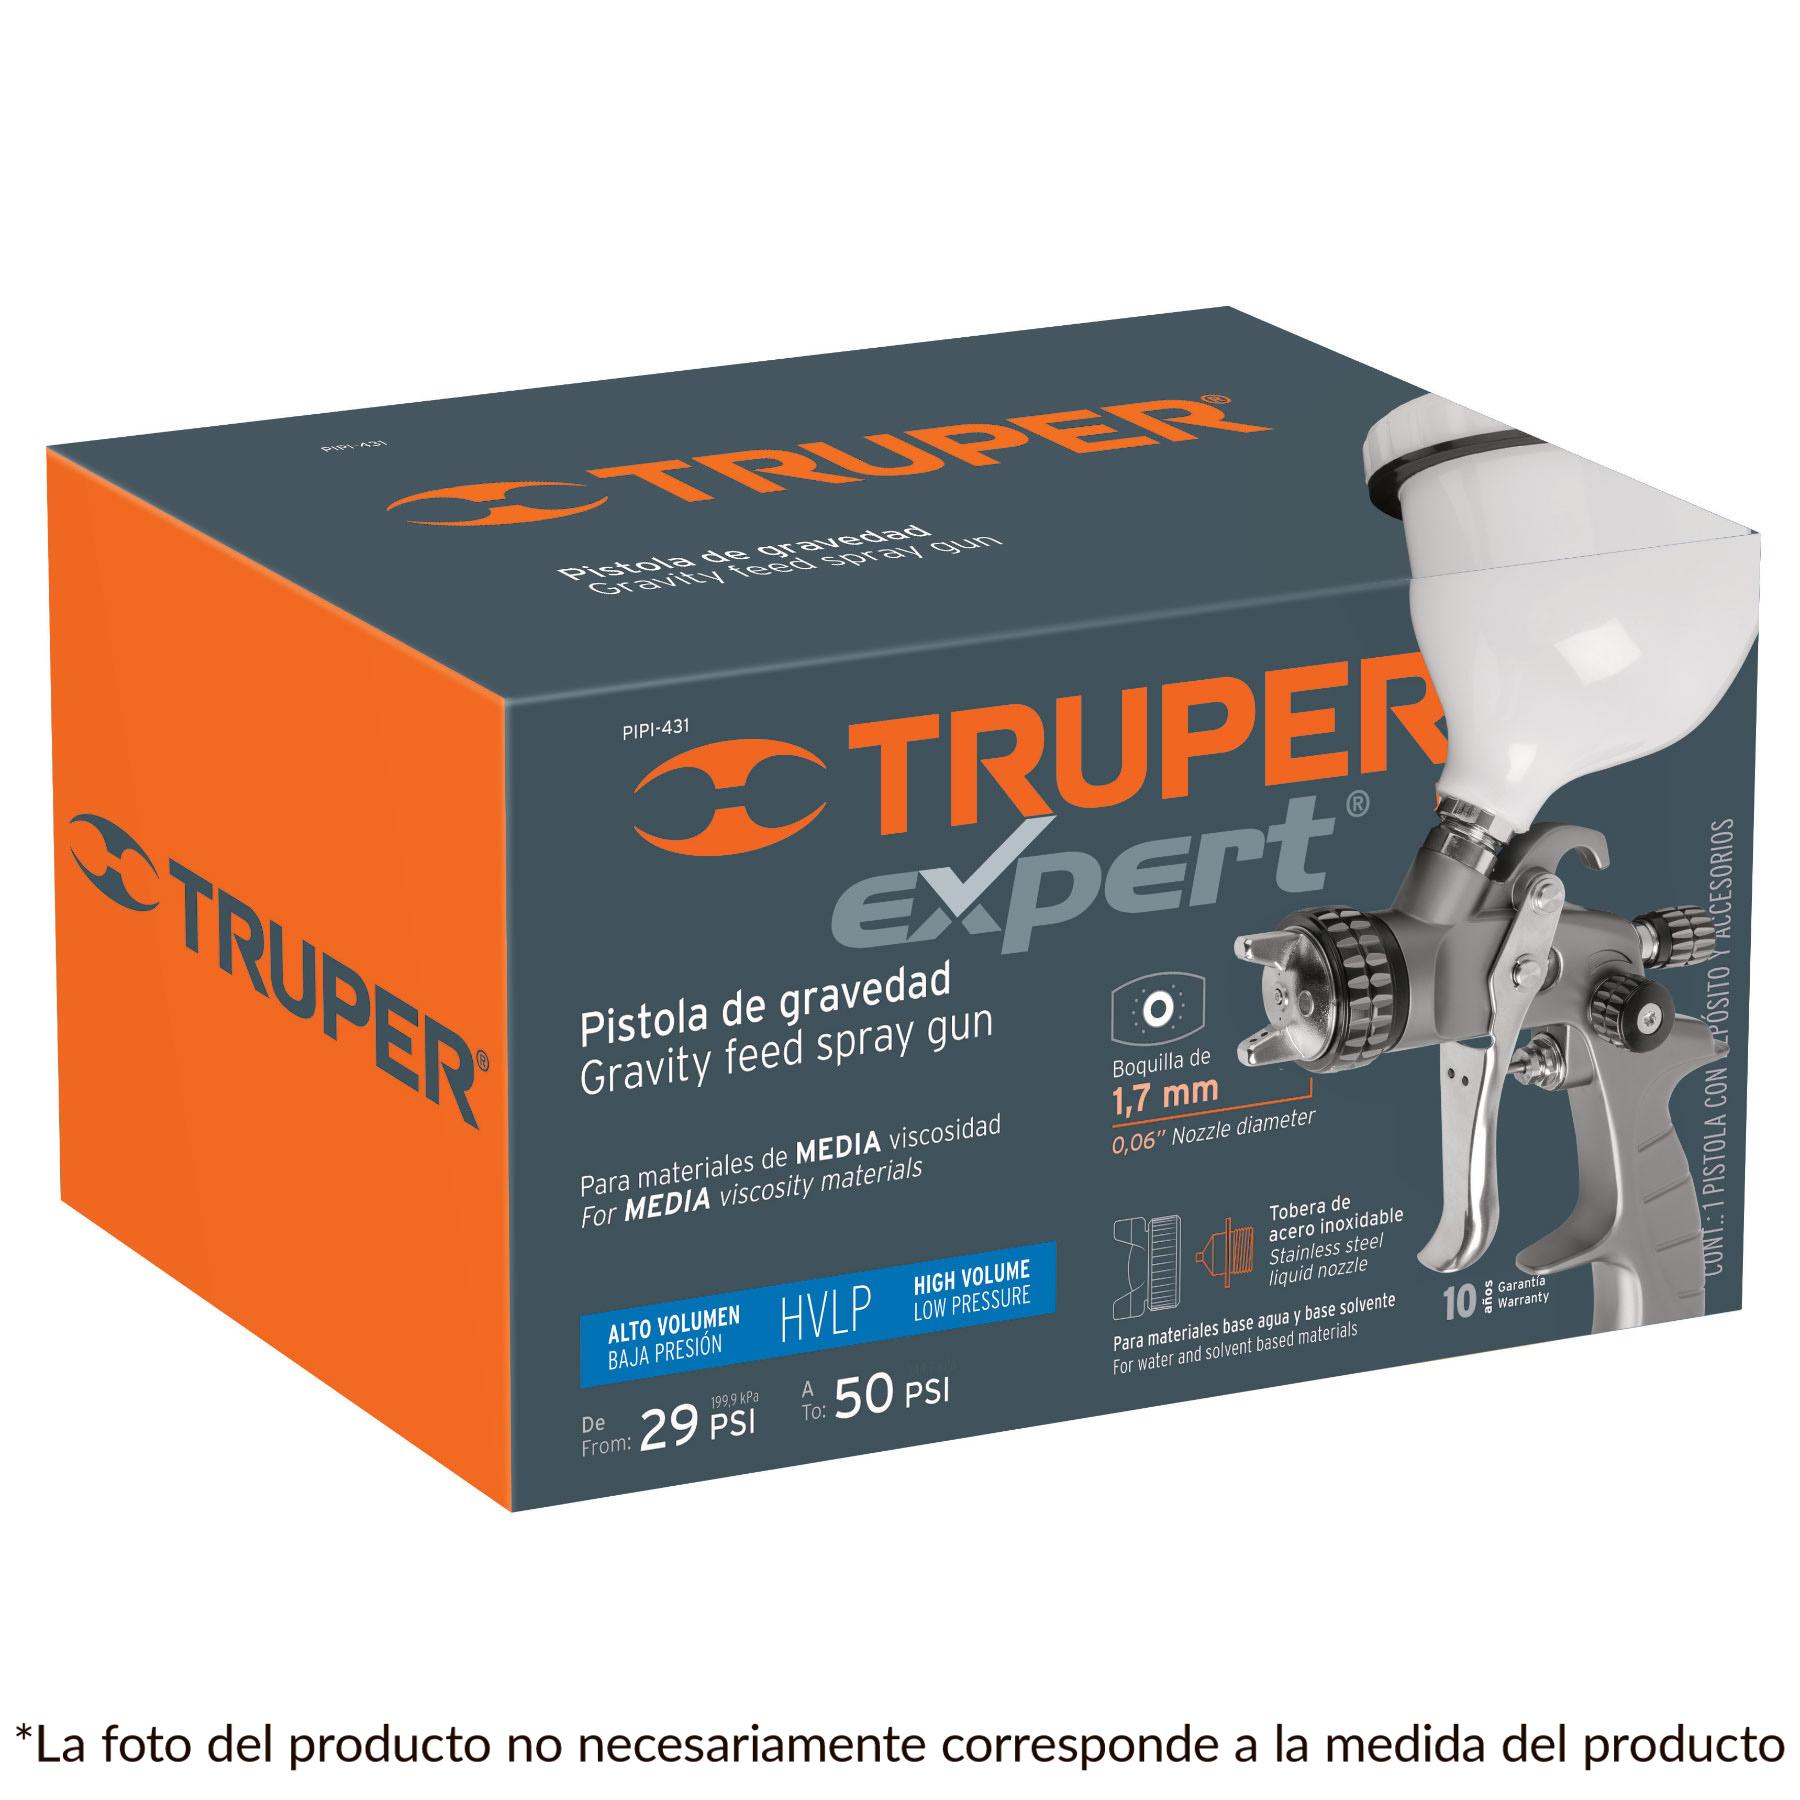 Truper - Pistola p/retoque gravedad, HVLP,vaso plástico,boquilla 1 mm